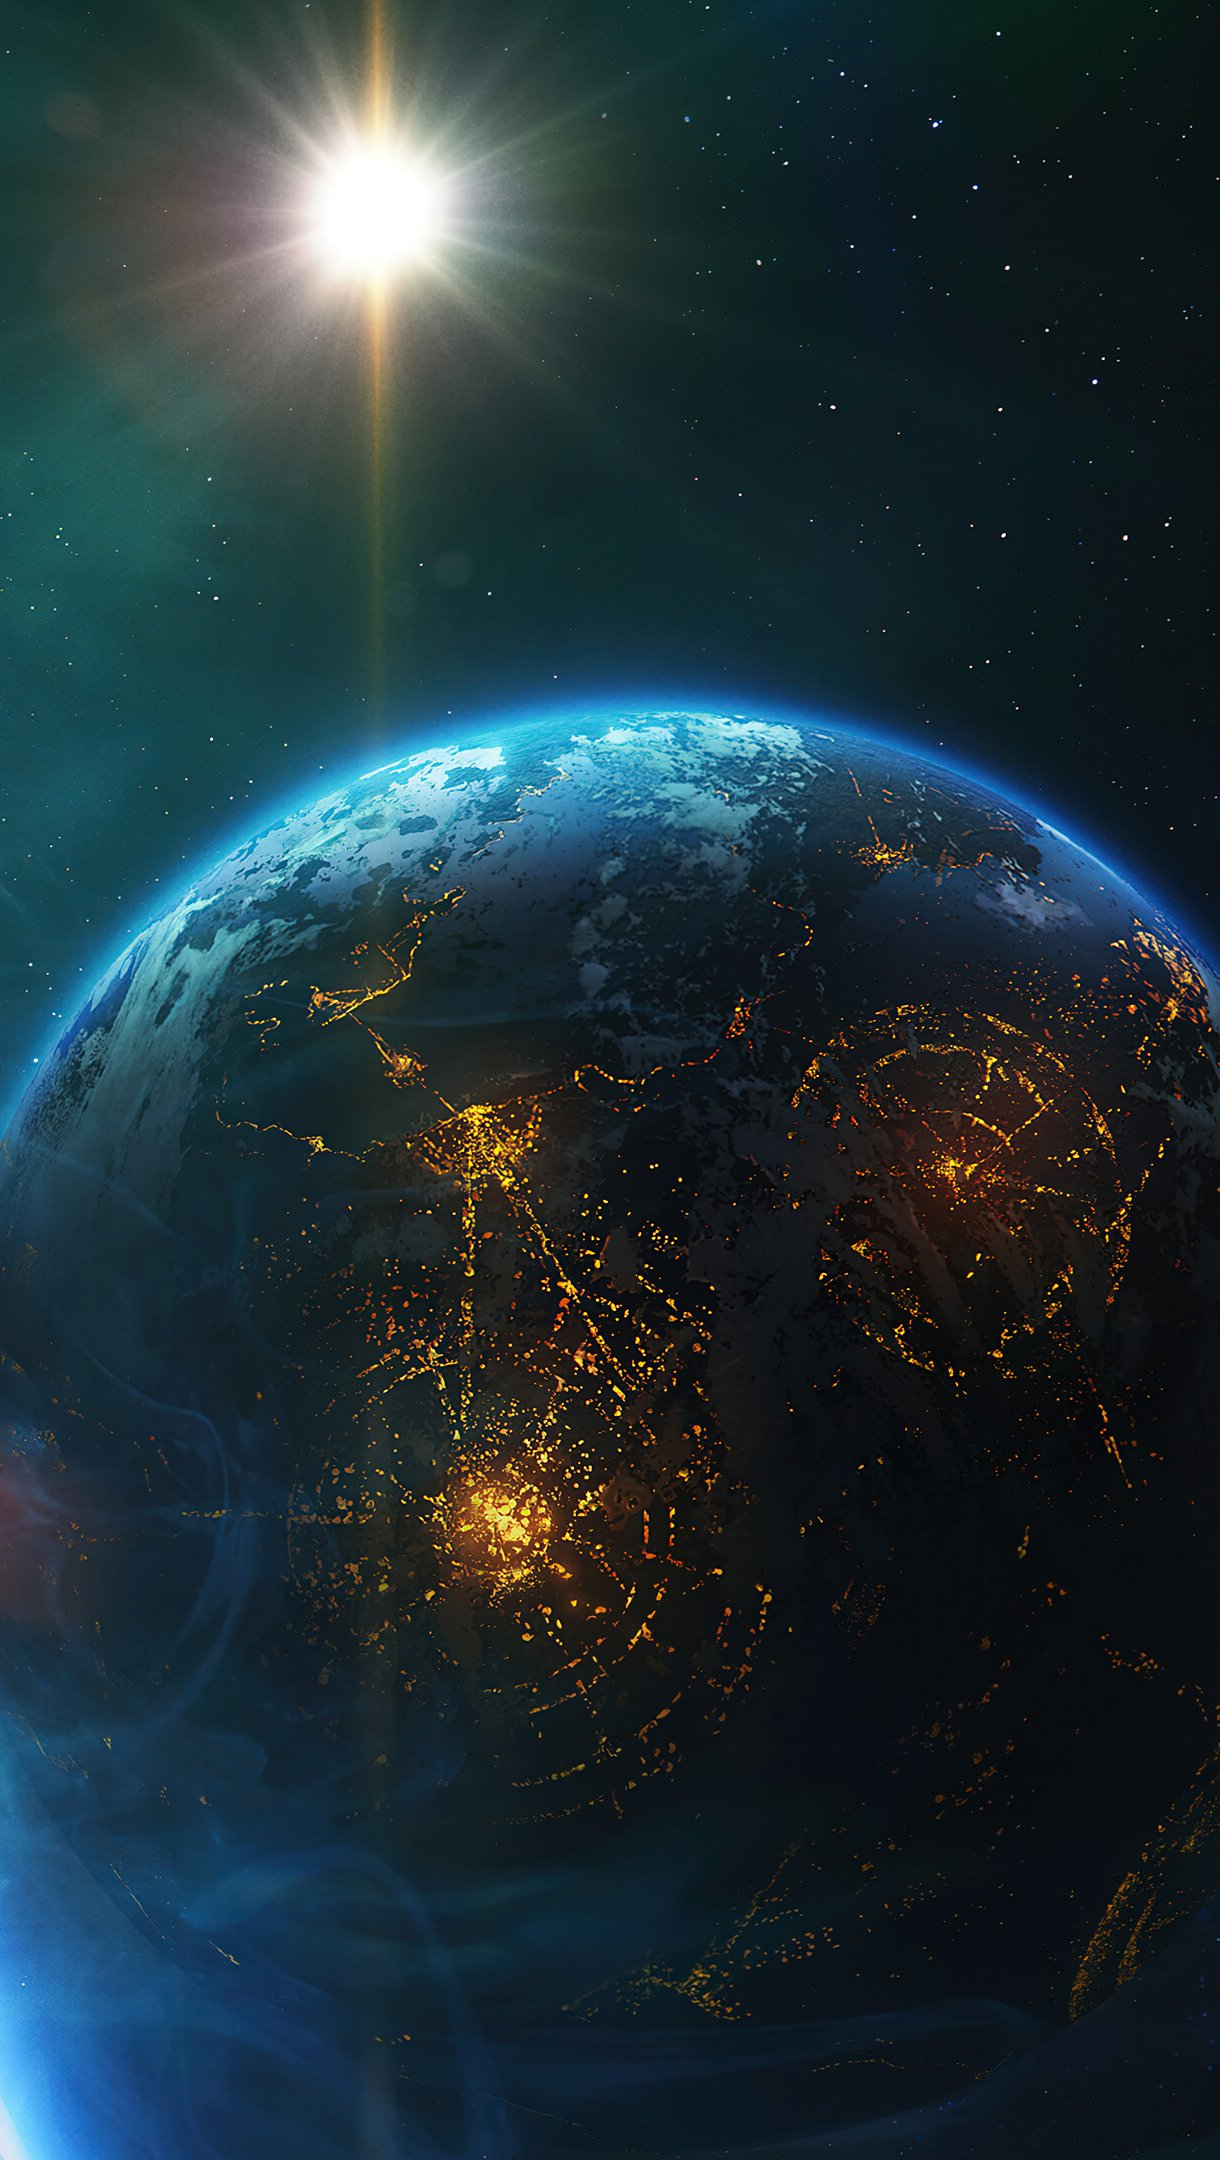 Fondos de pantalla La tierra en el espacio Vertical